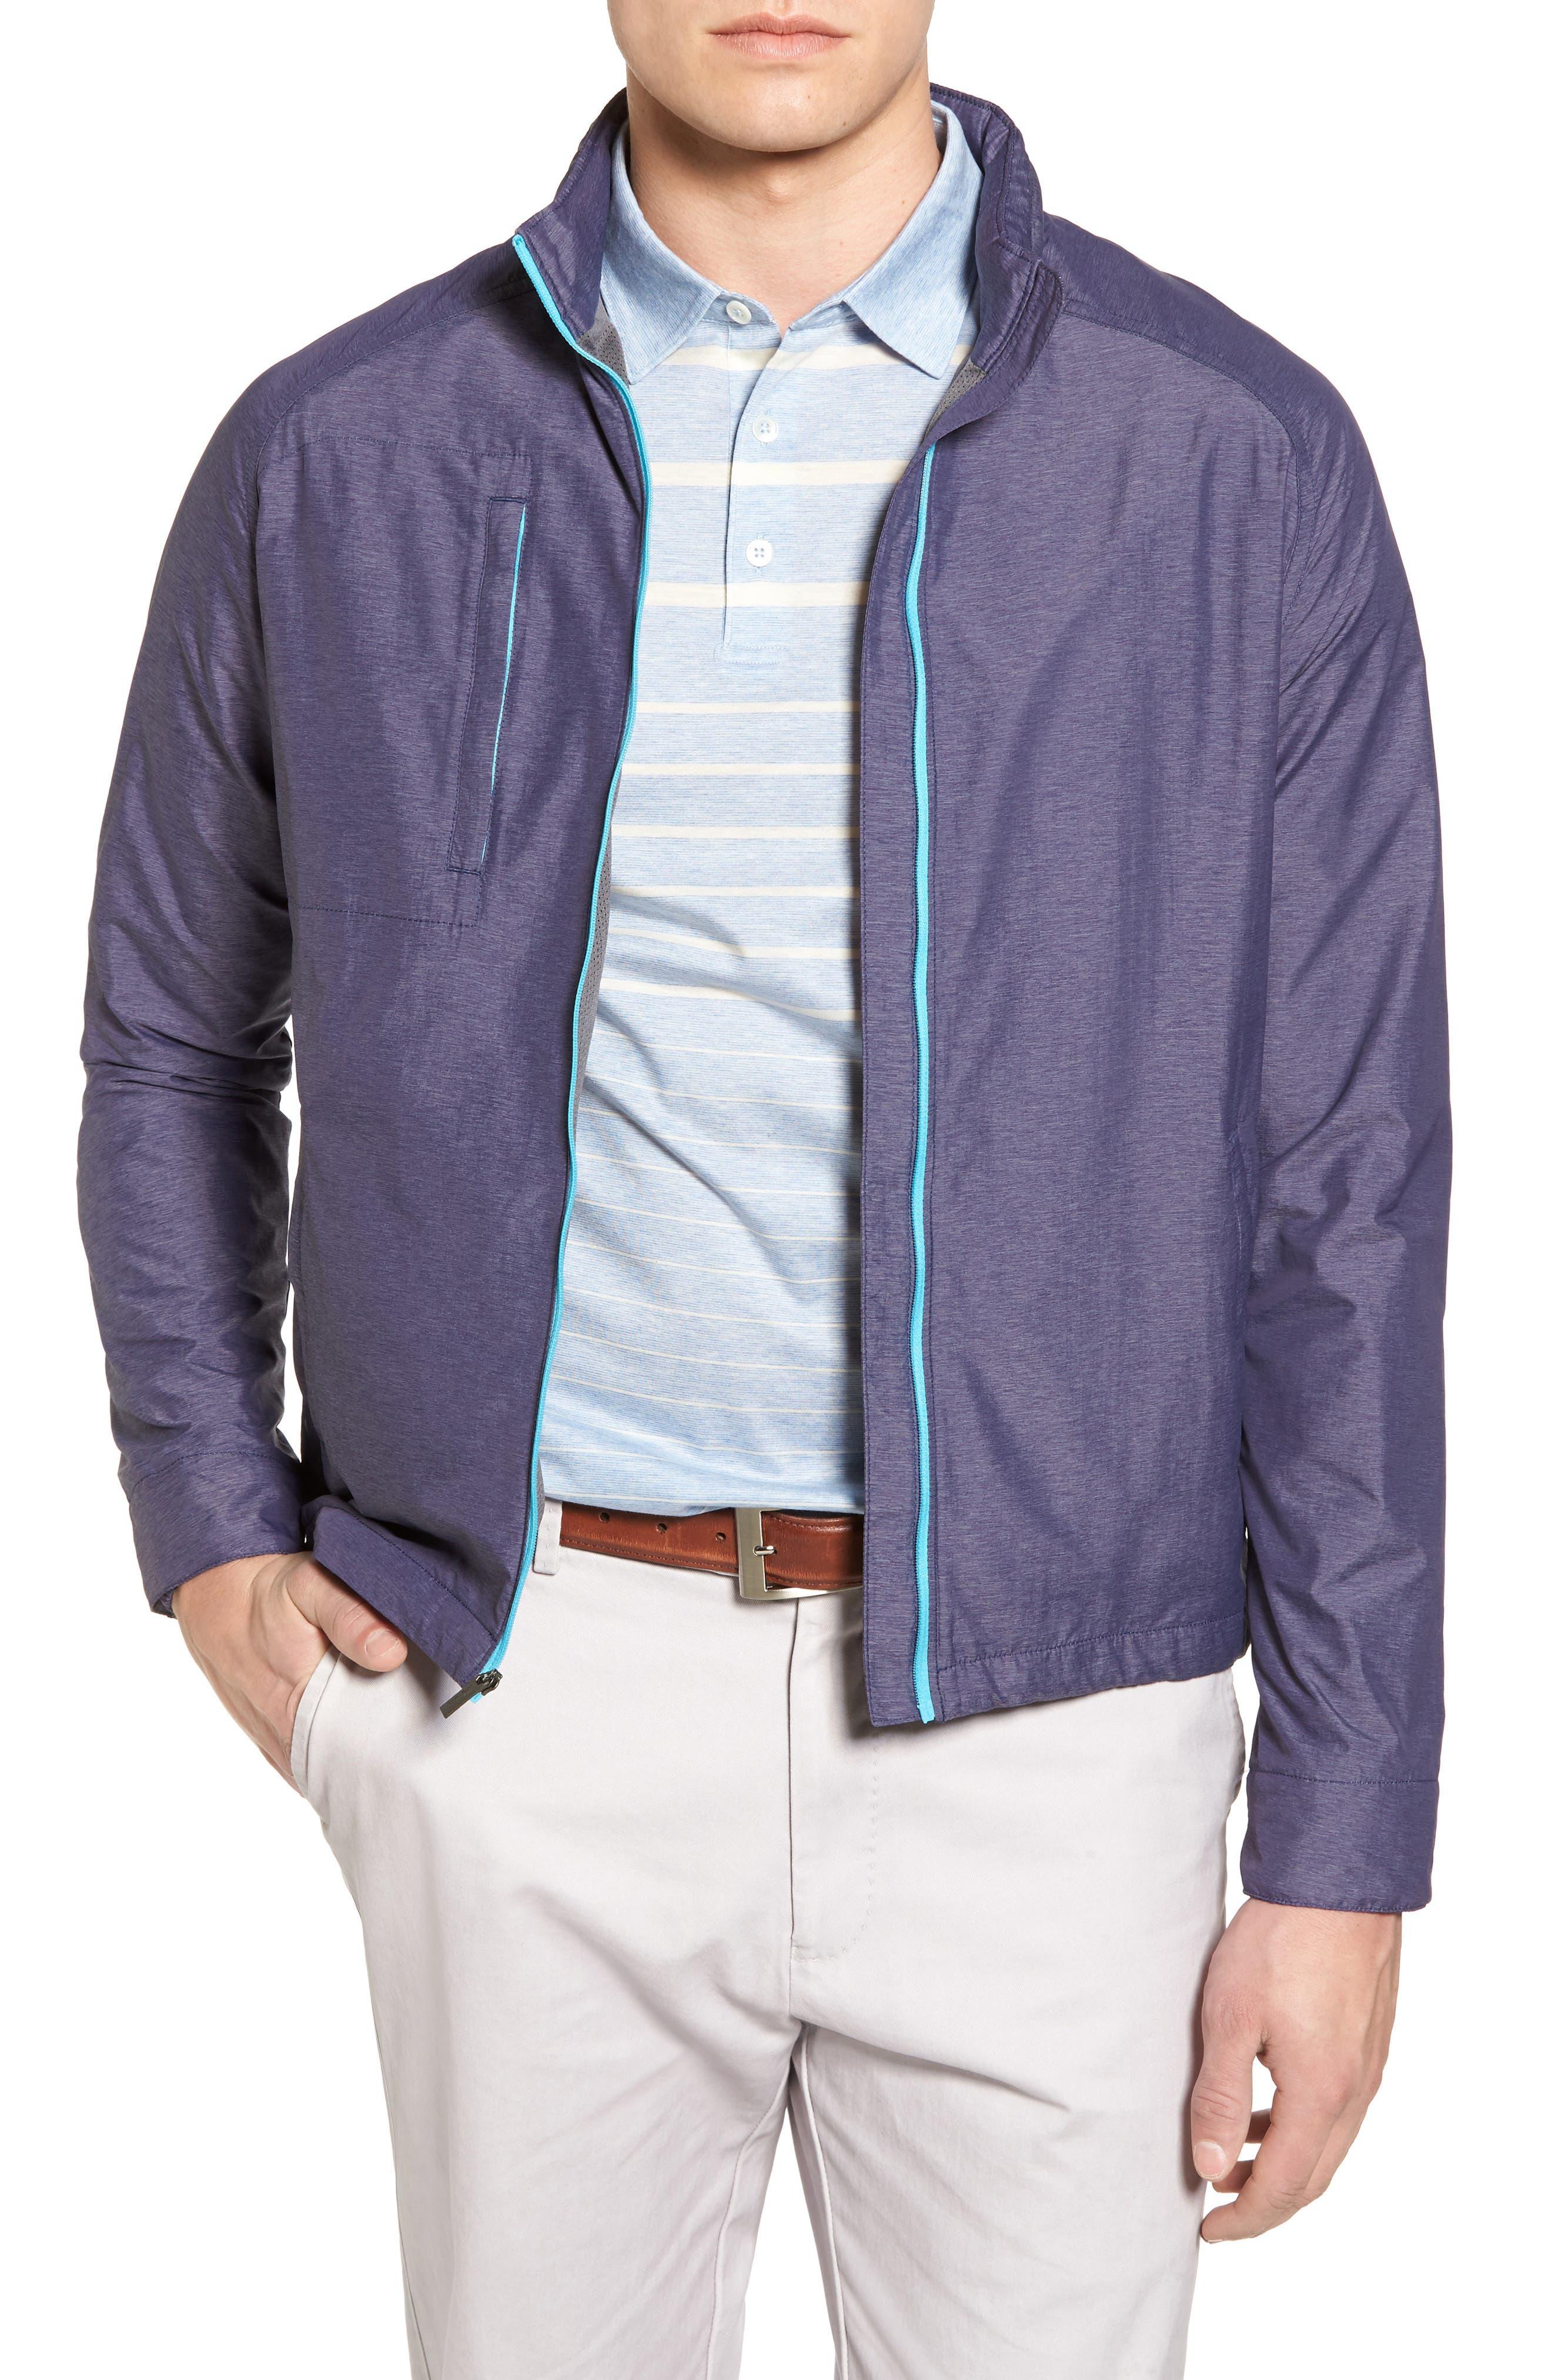 Nagano Windbreaker Jacket,                             Main thumbnail 2, color,